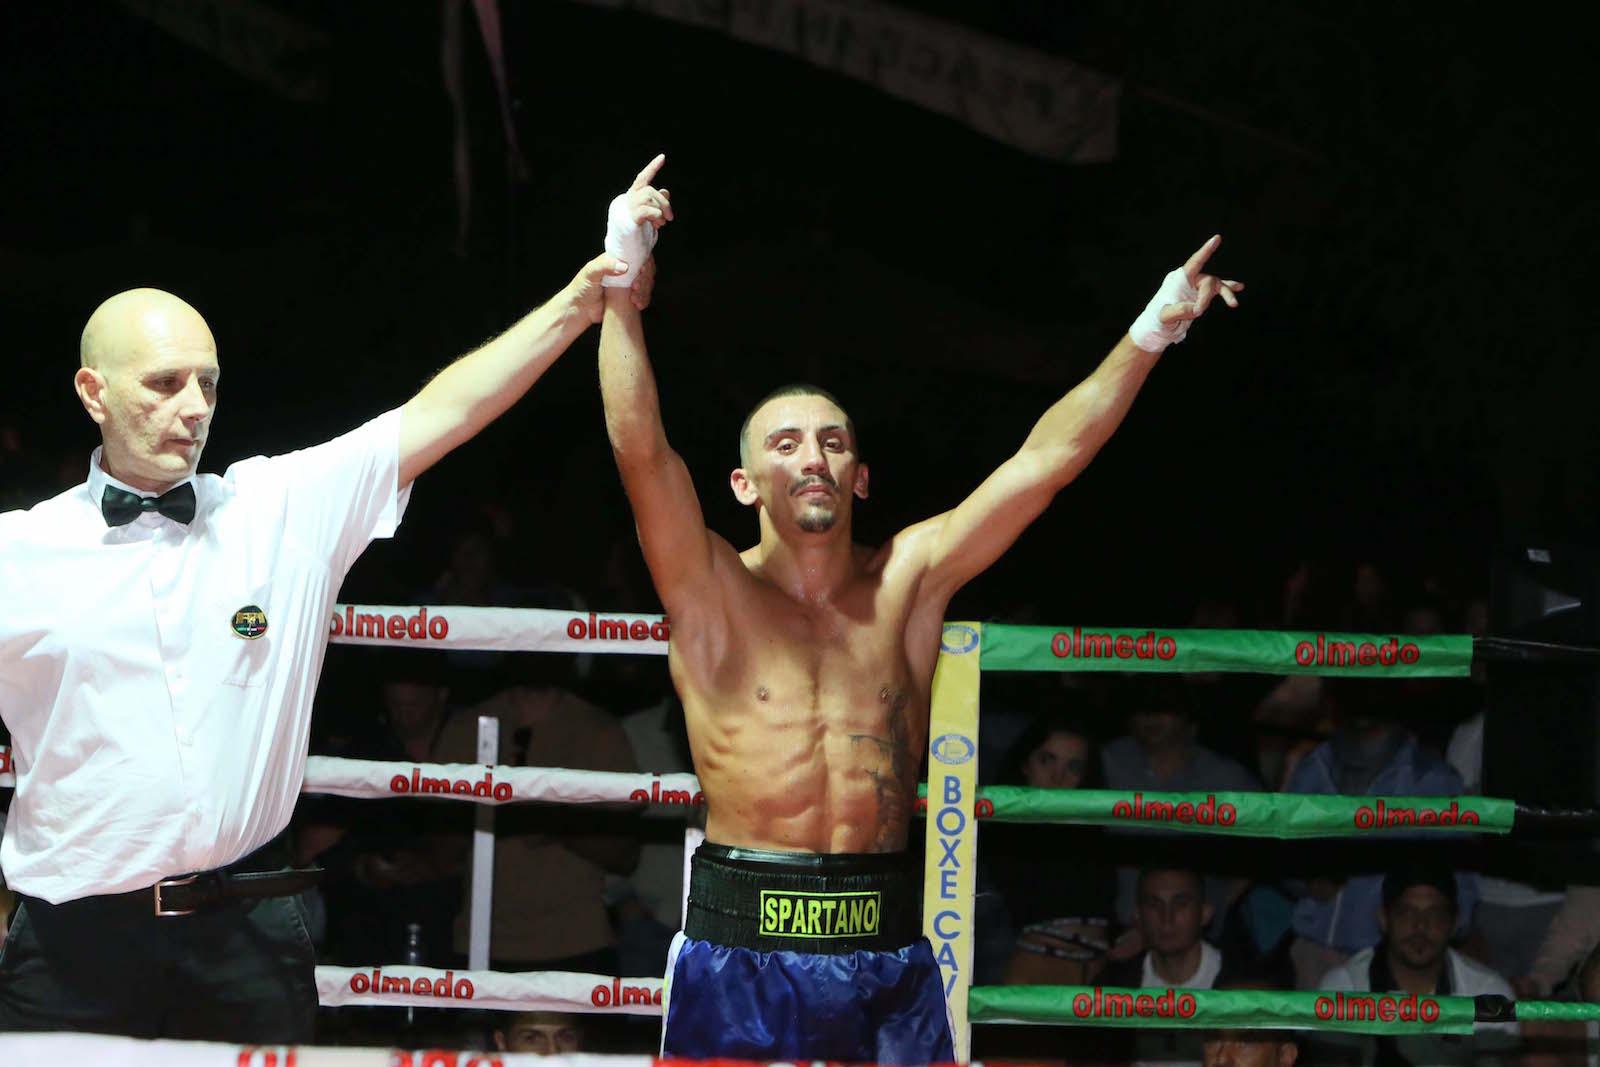 Boxe, Mattia De Bianchi chiude col botto i match  Ora, a 21